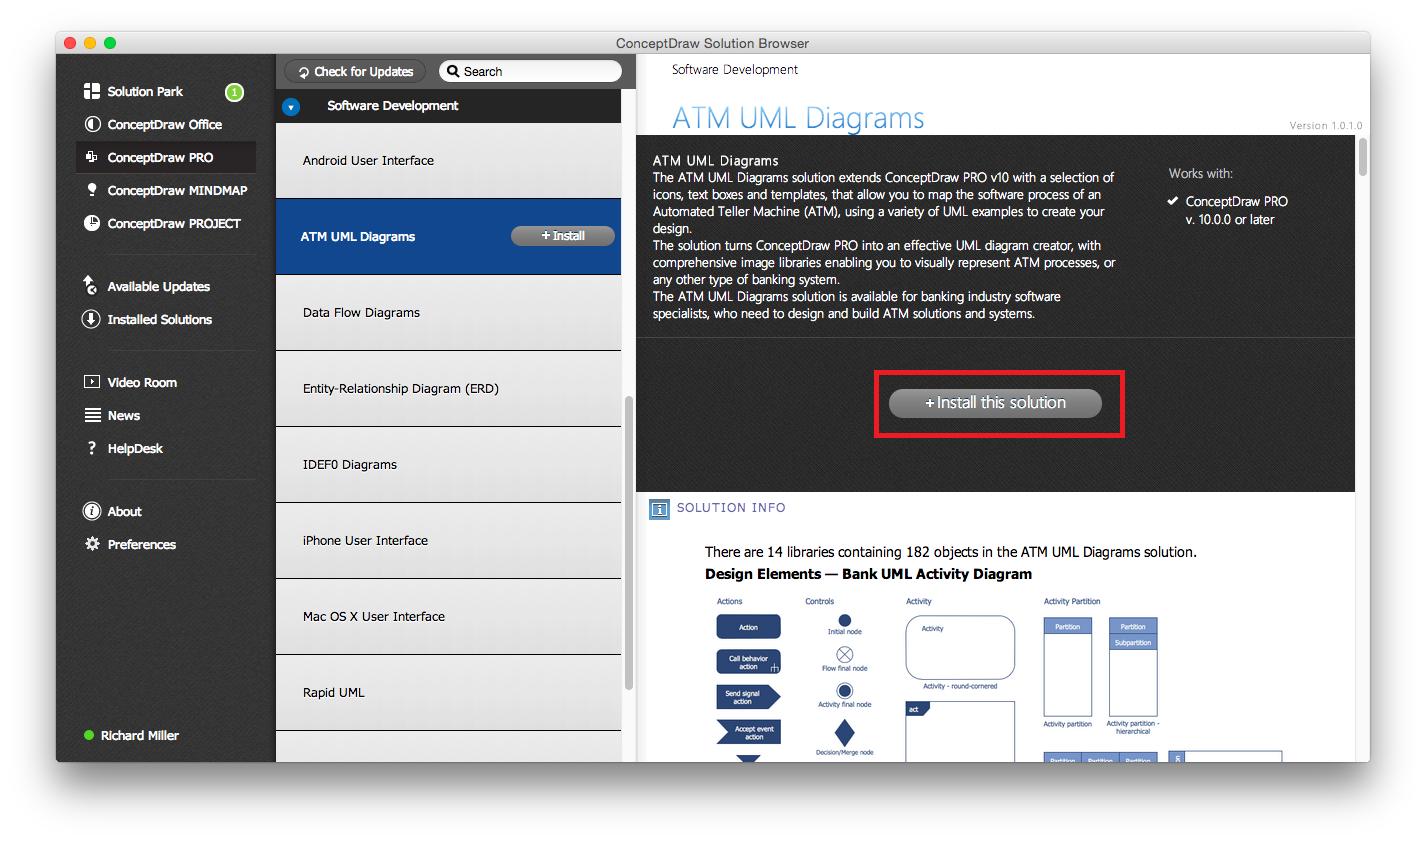 ATM UML Diagrams Solution — Install